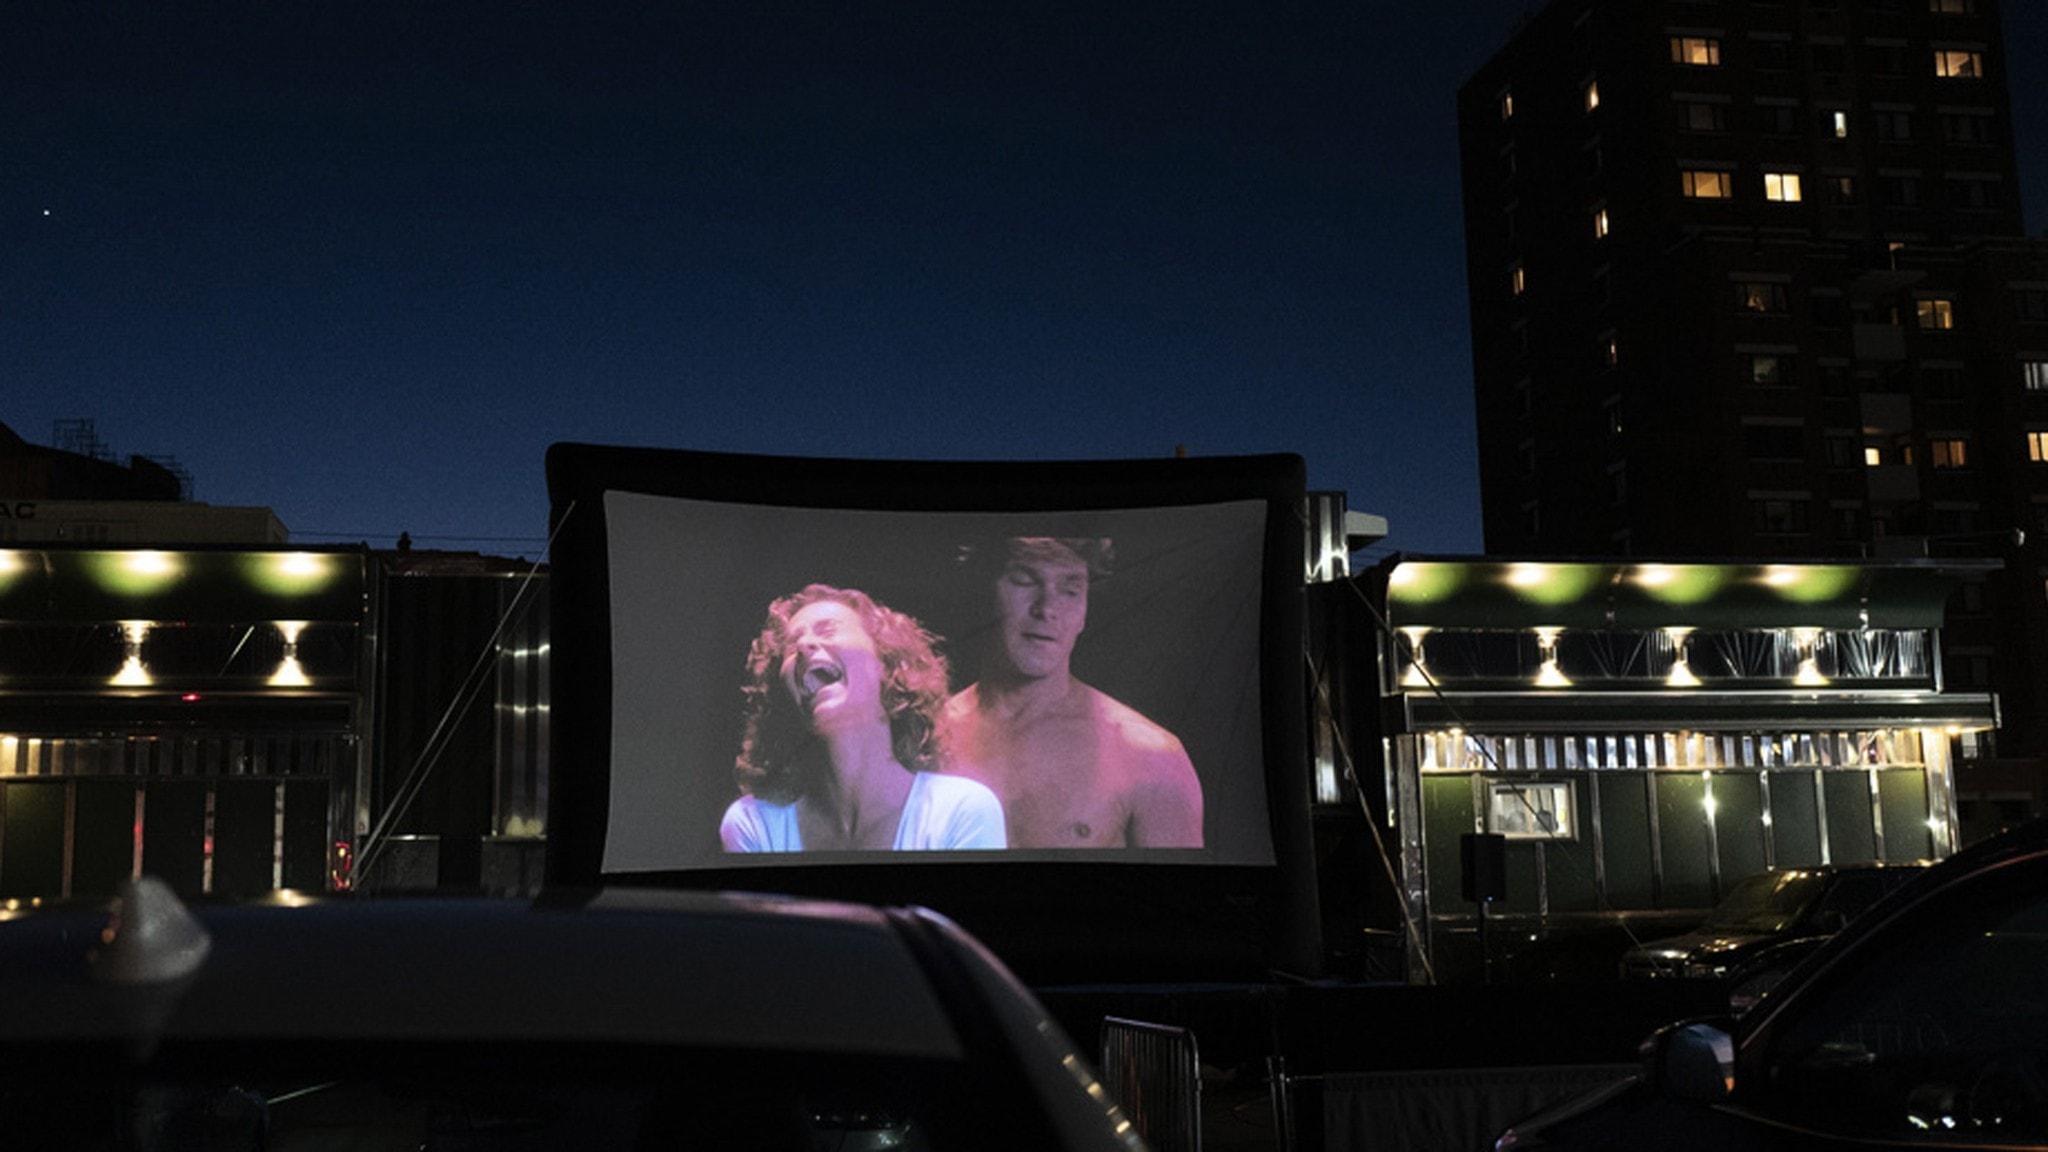 Säkert sex: Dirty Dancing visas på en pop-up drive-in-biograf i Queens, New York, i maj 2020.